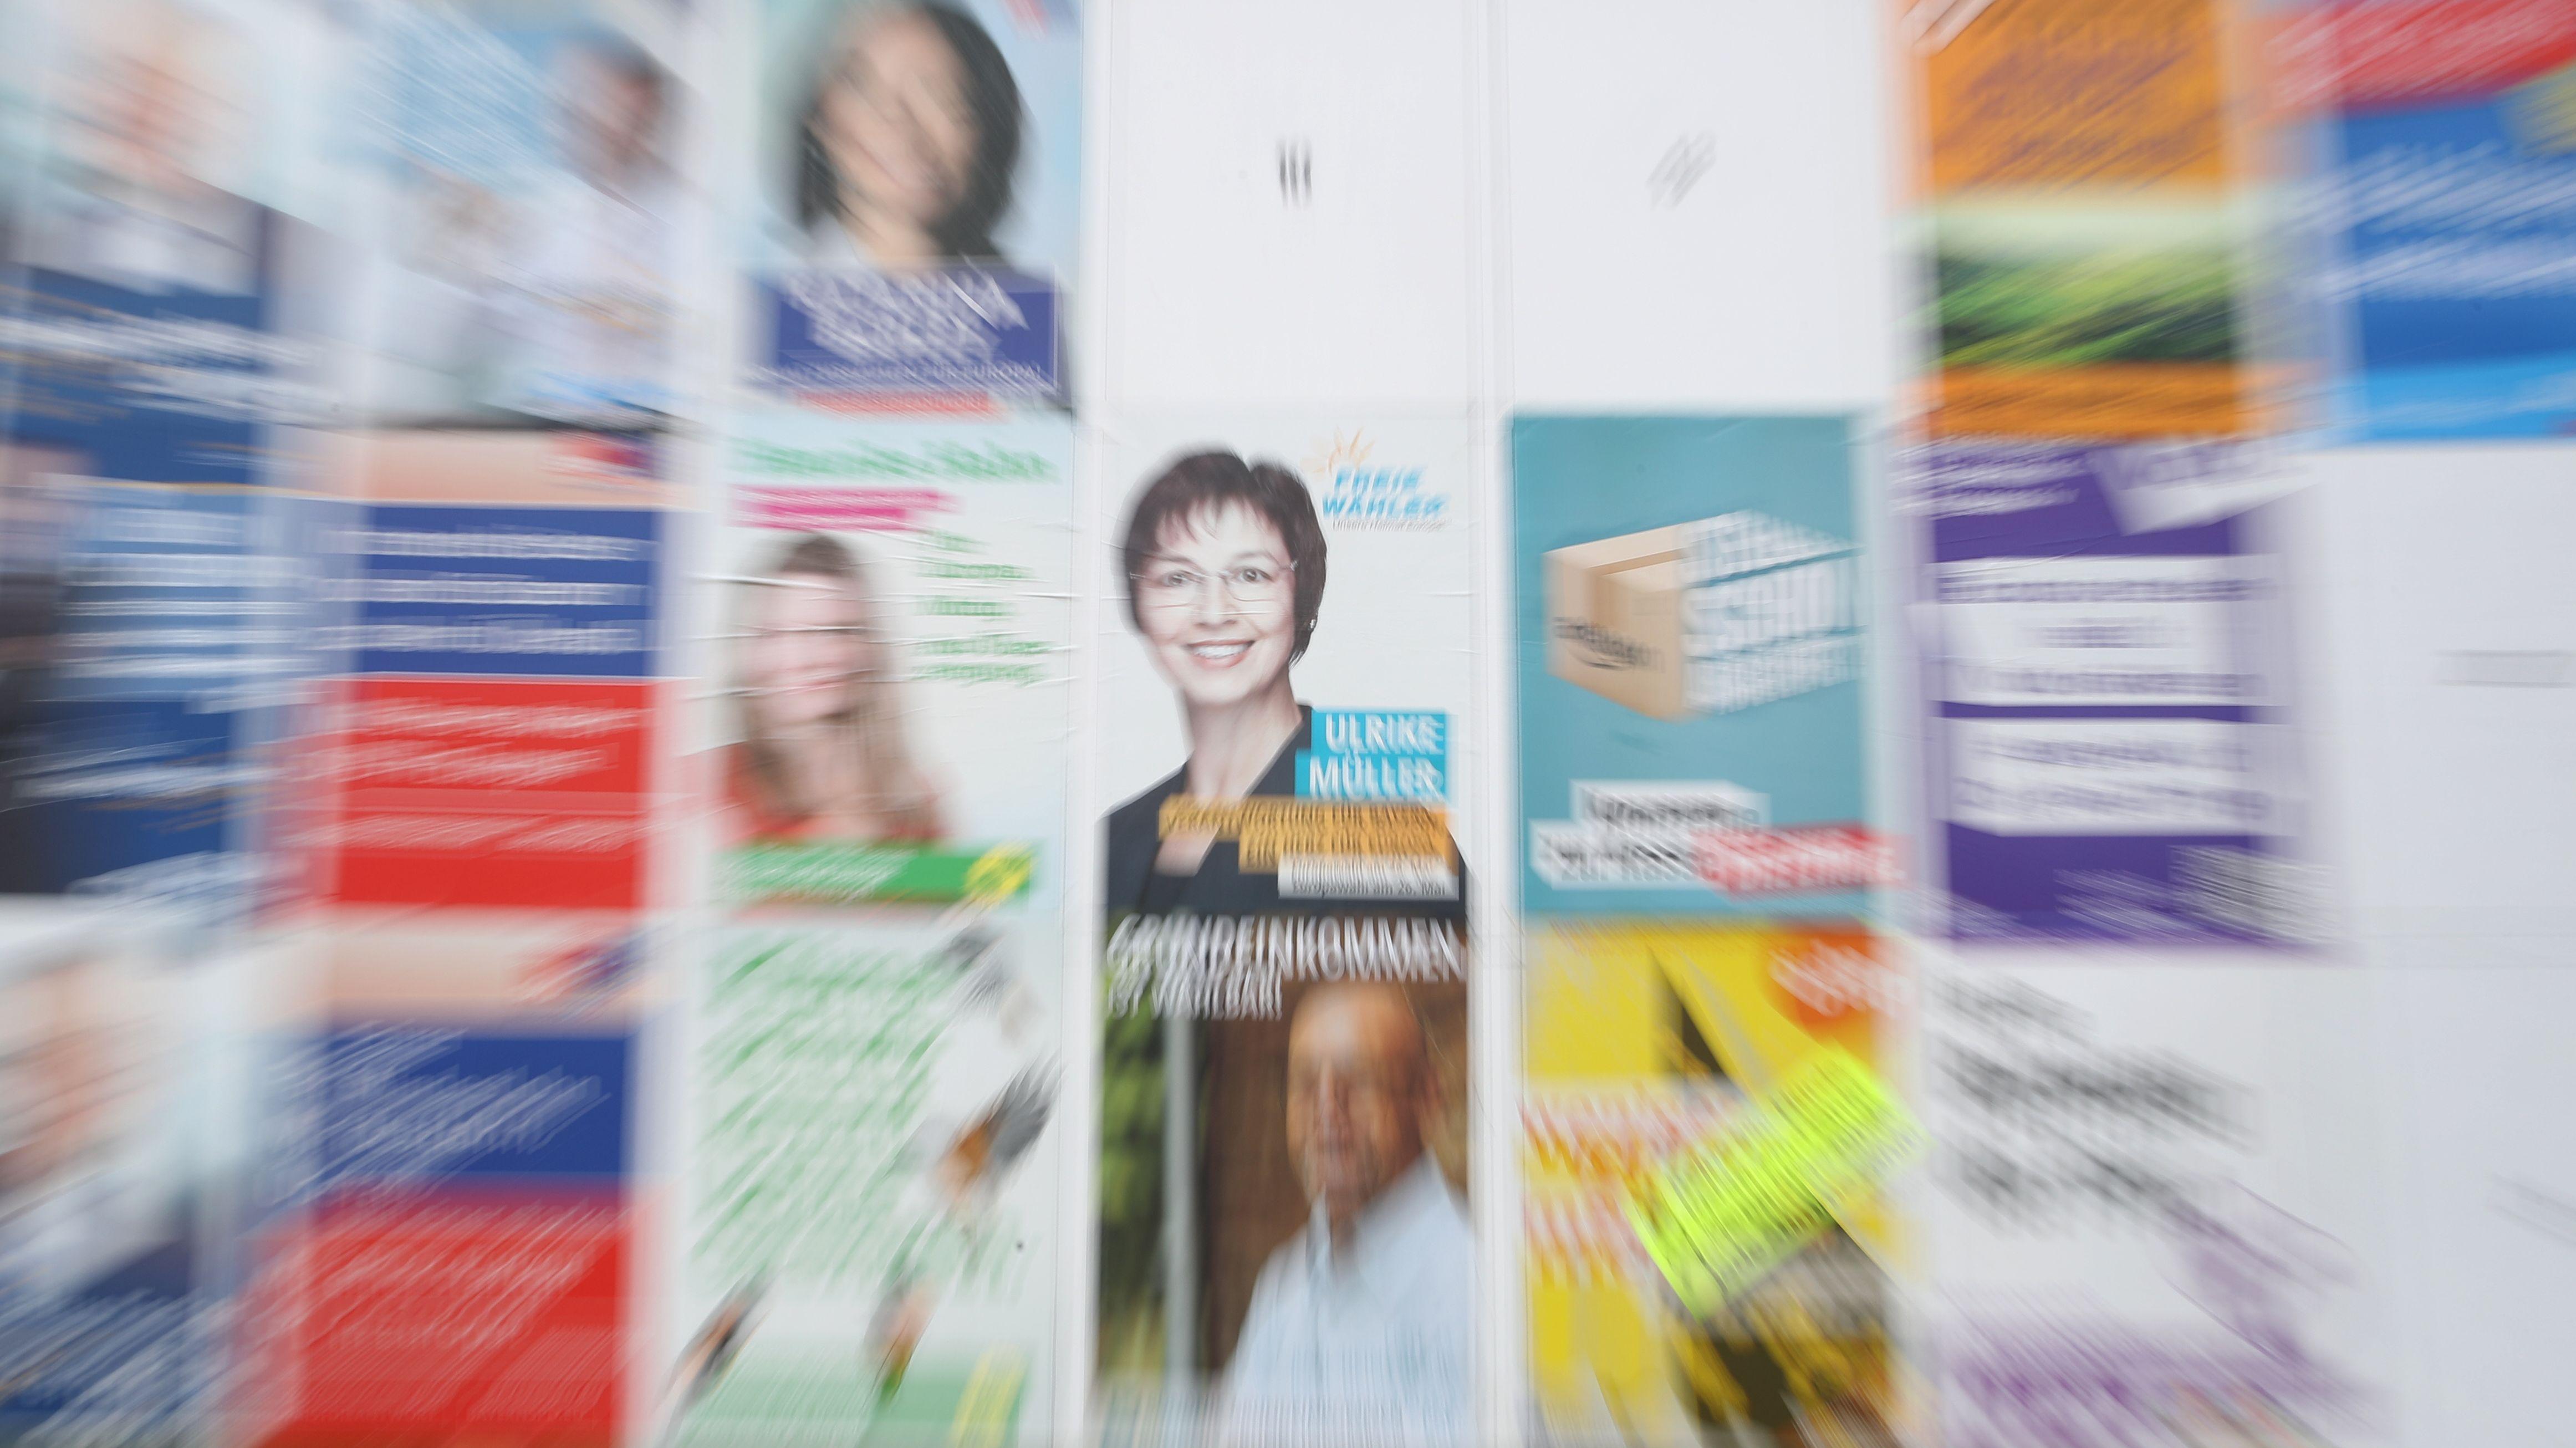 Eine Plakatwand mit Wahlplakaten.